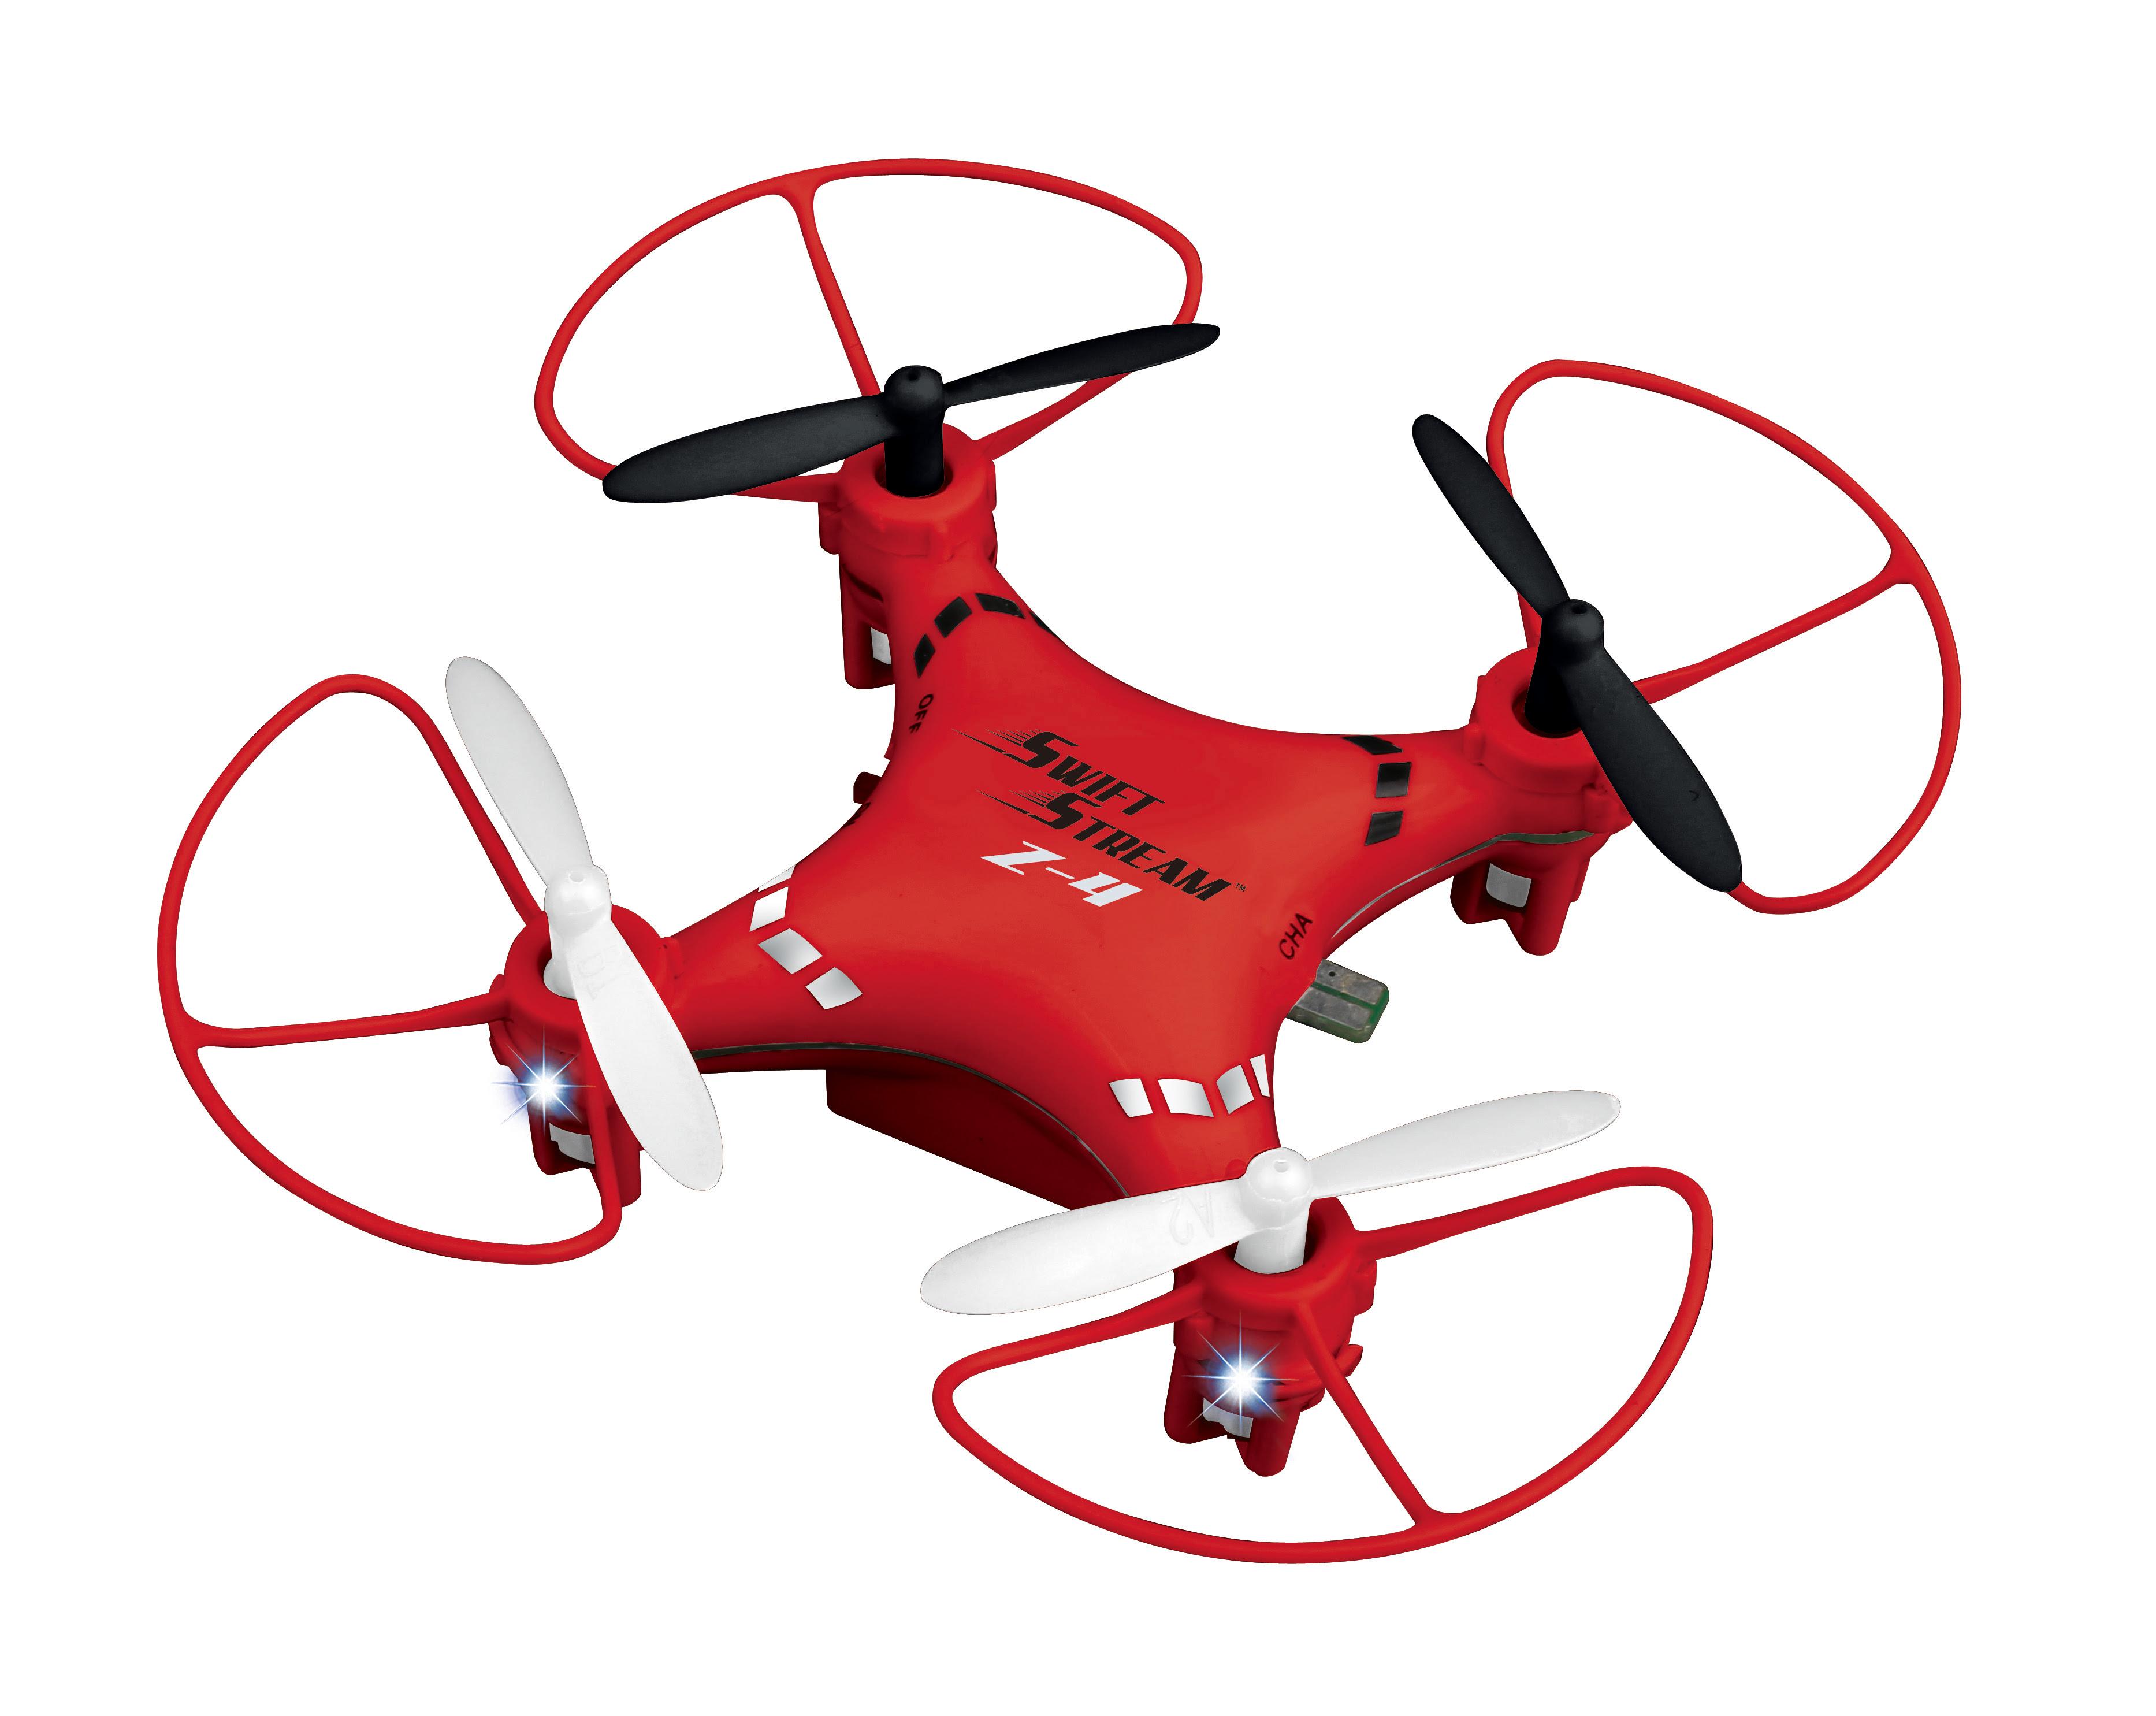 Z 4 Mini Drone Swiftstreamrc